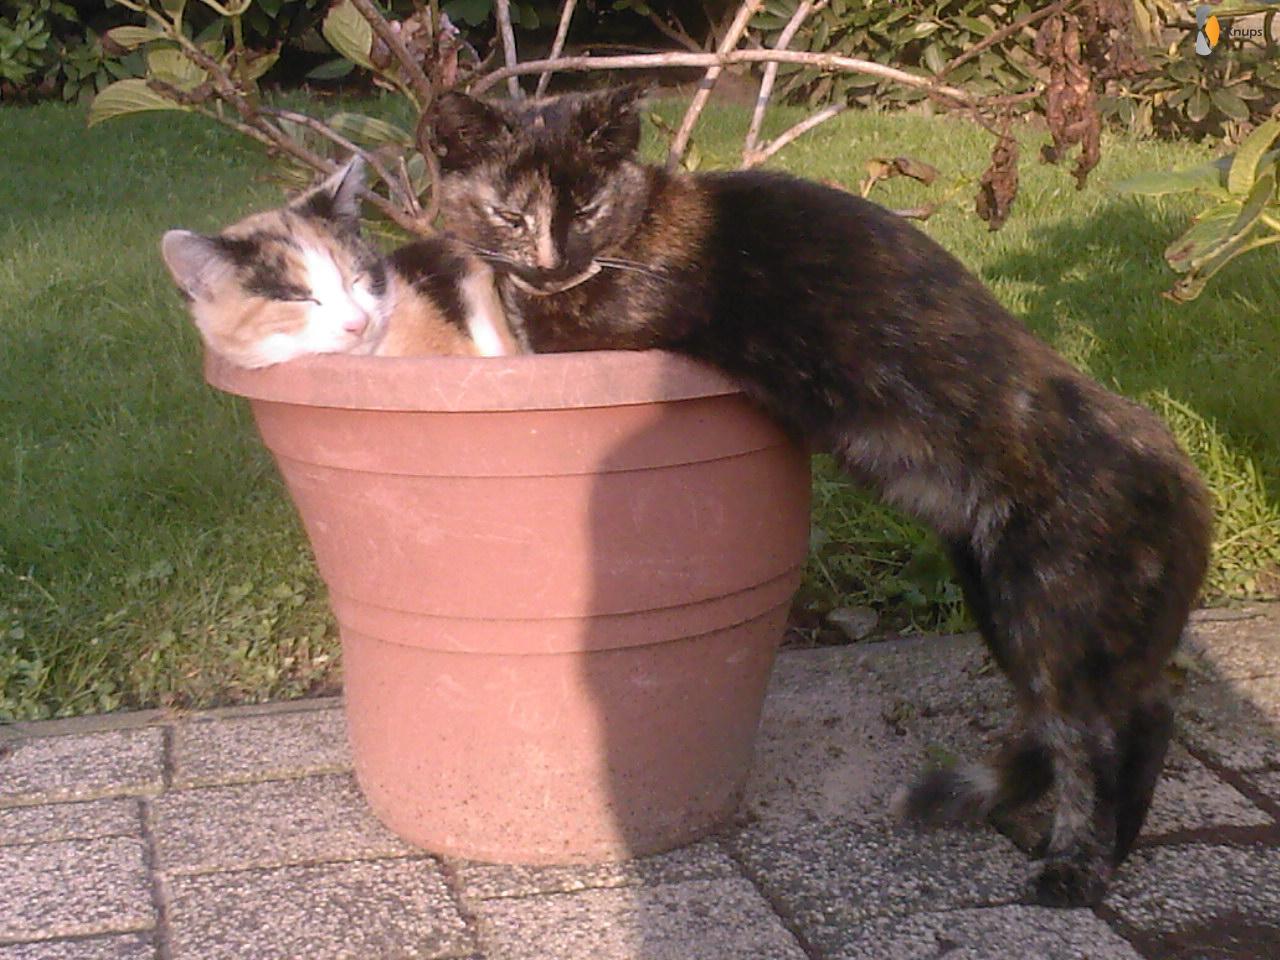 2 katten kunnen er net niet in, dan doen ze het zo maar